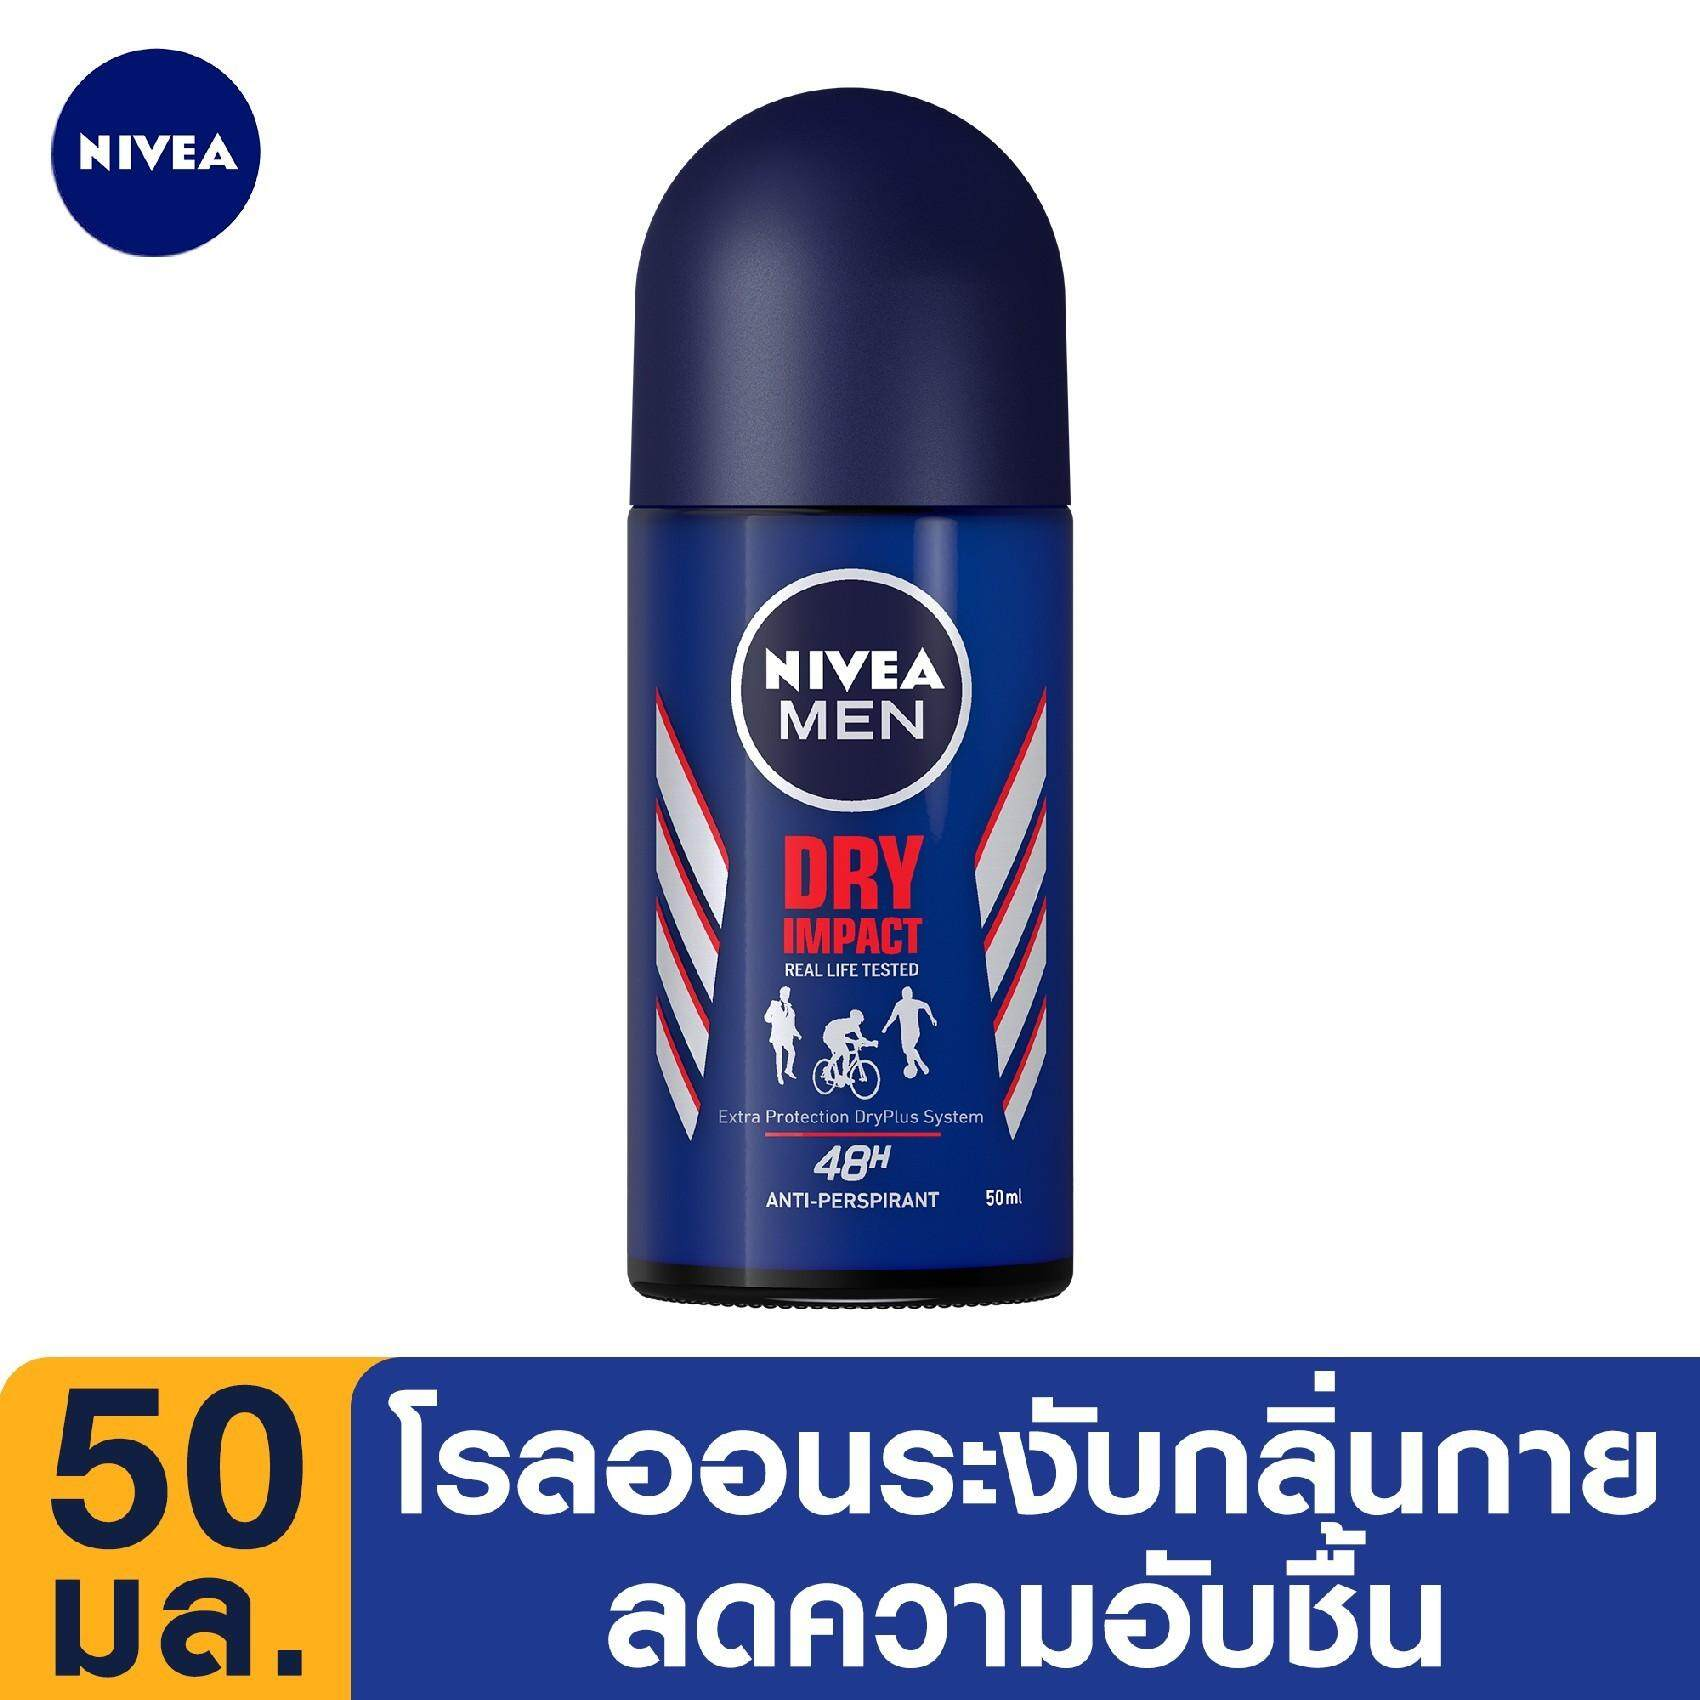 นีเวีย ดีโอ เมน ดราย อิมแพ็ค โรลออน ระงับกลิ่นกาย สำหรับผู้ชาย 50 มล. NIVEA Deo Men Dry Impact Roll On 50 ml.